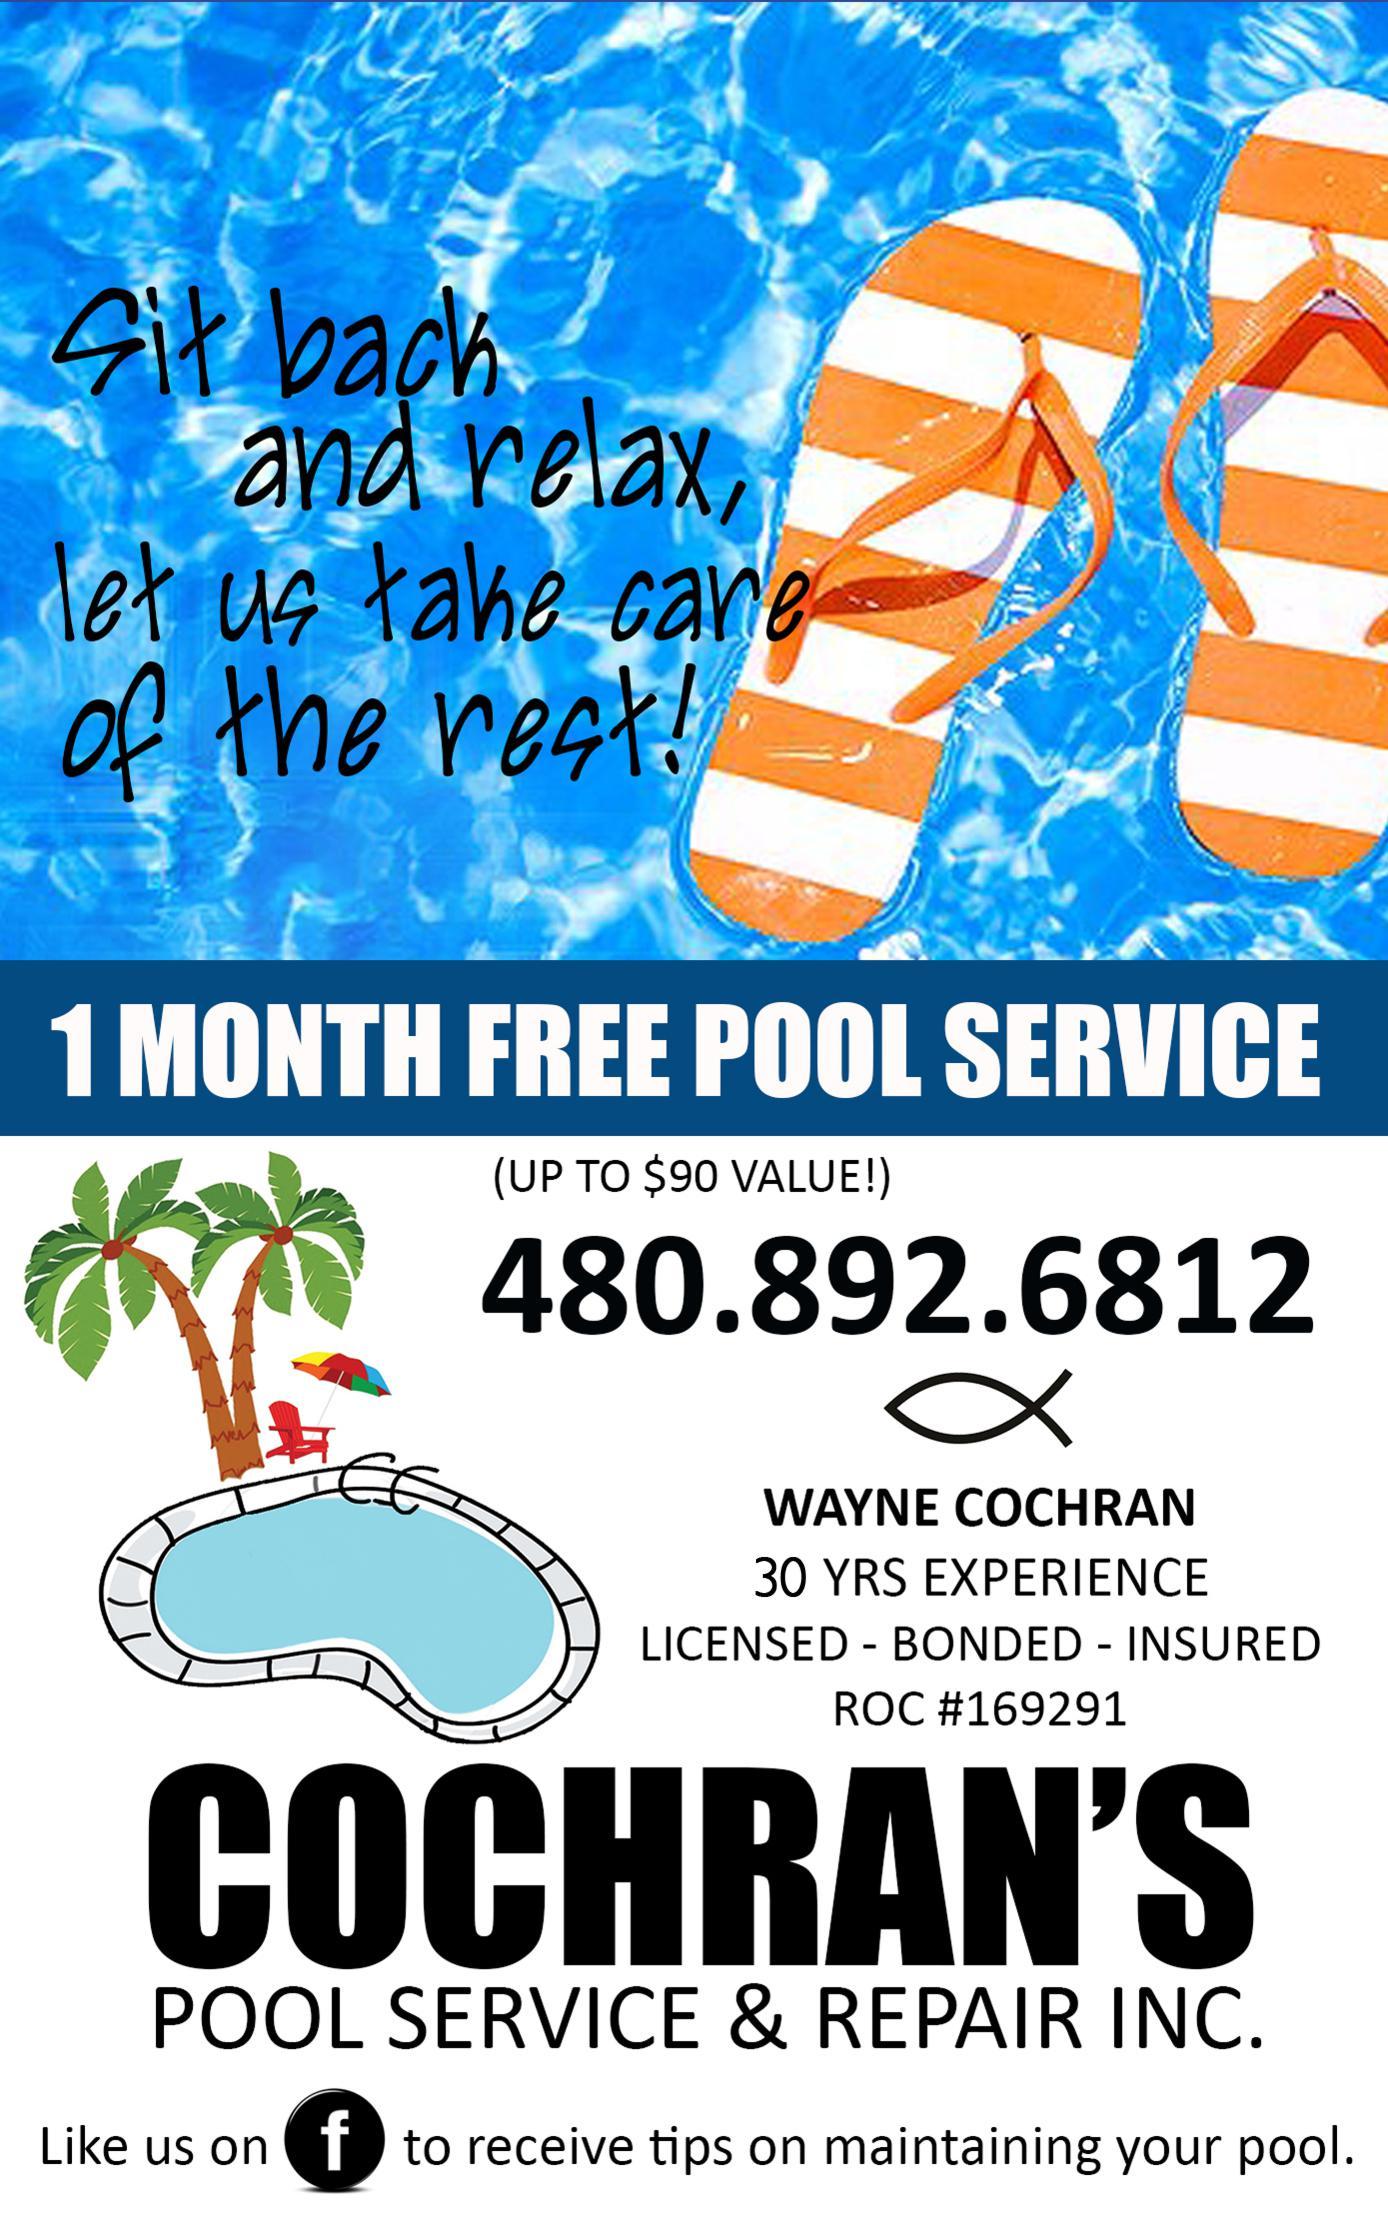 Cochran's Pool Service & Repair, Inc.